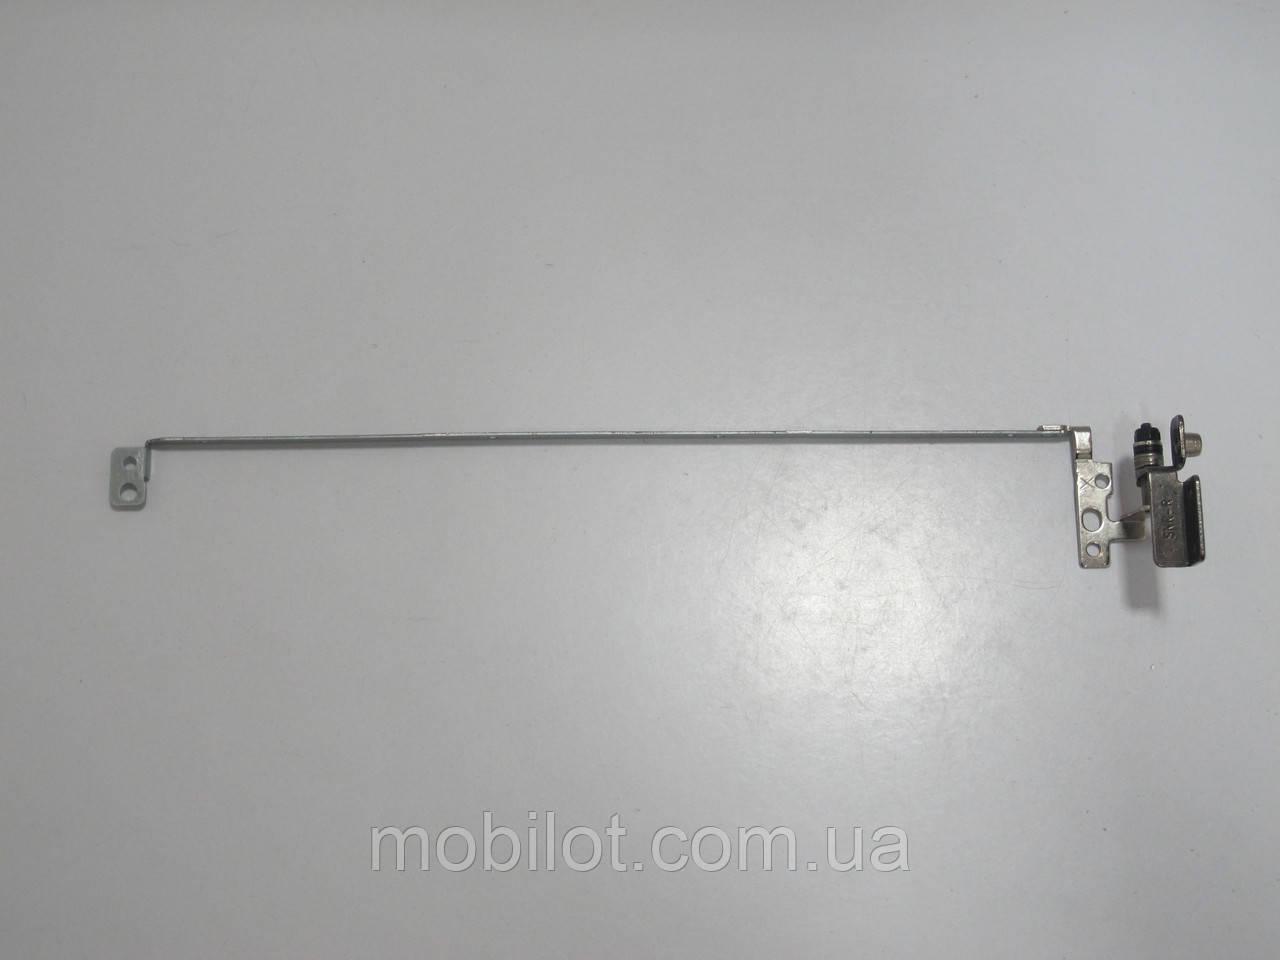 Петля Lenovo G565 / G560 (NZ-5204)